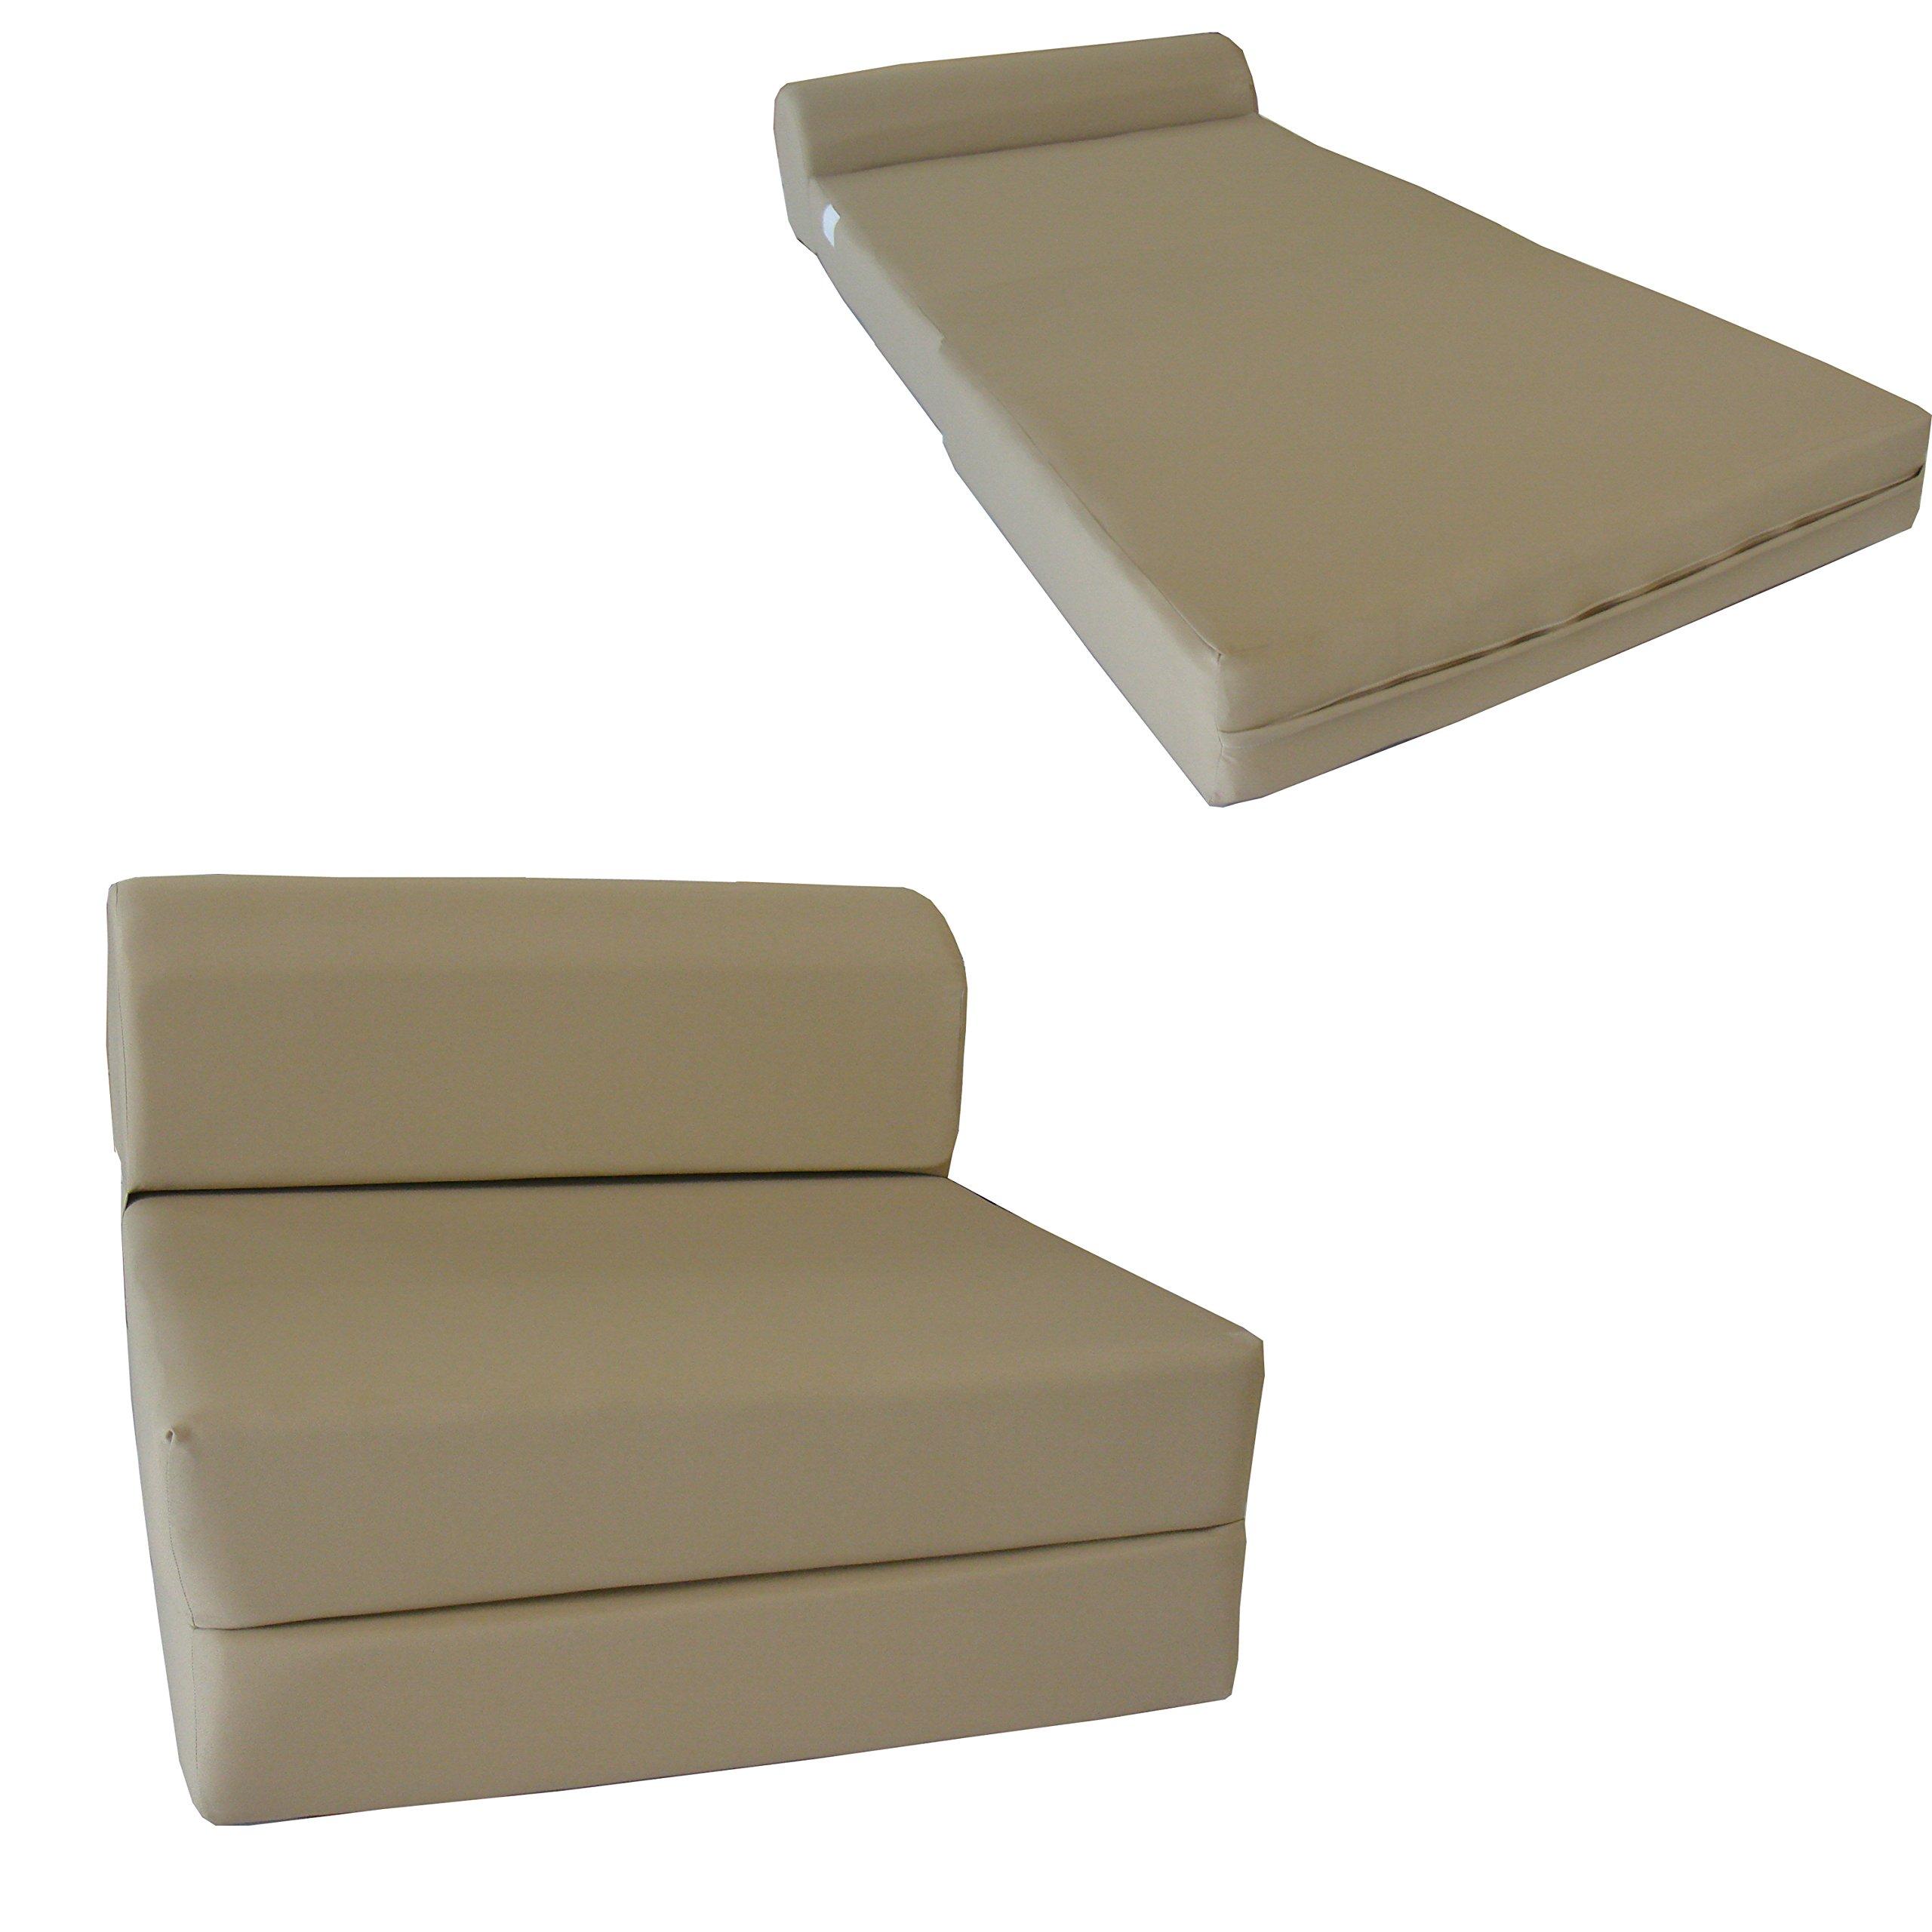 Chair Folding Foam Bed, Studio Sofa Guest Folded Foam Mattress (6'' x 32'' x 70'', Tan)